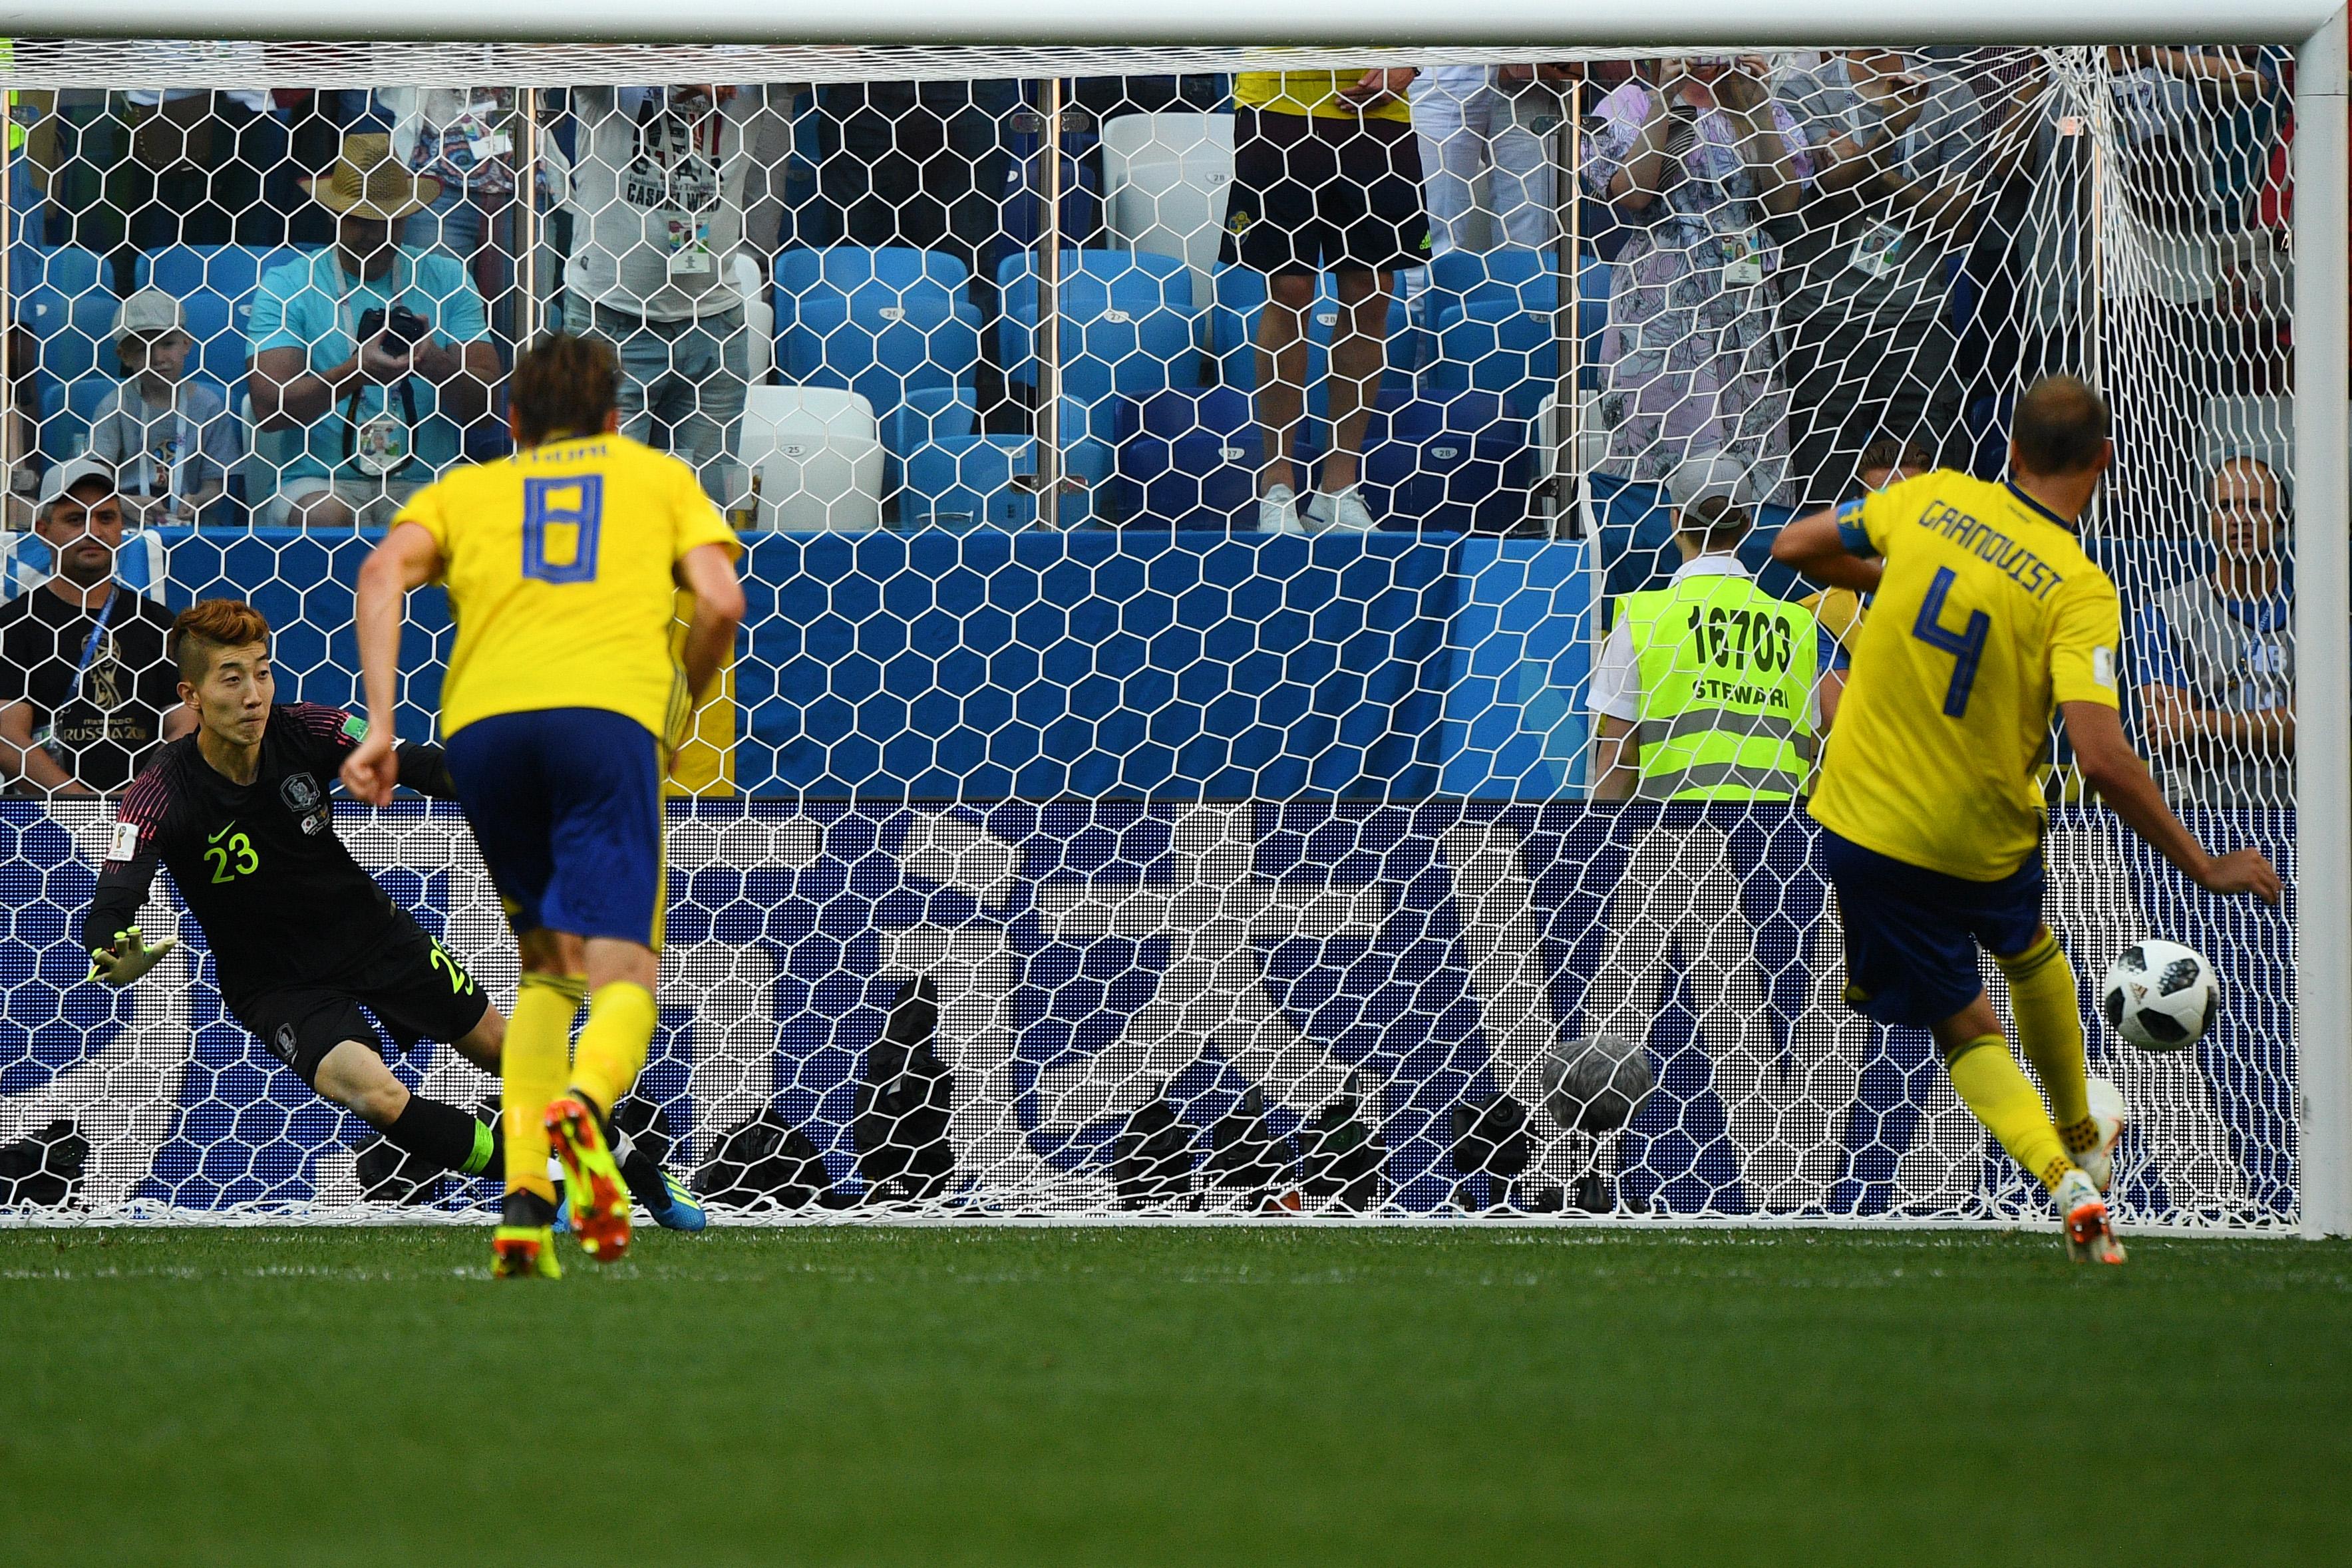 Acción del penalti ejecutado por Andreas Granqvist. El arquero de Corea del Sur se lanzó al costado equivocado.